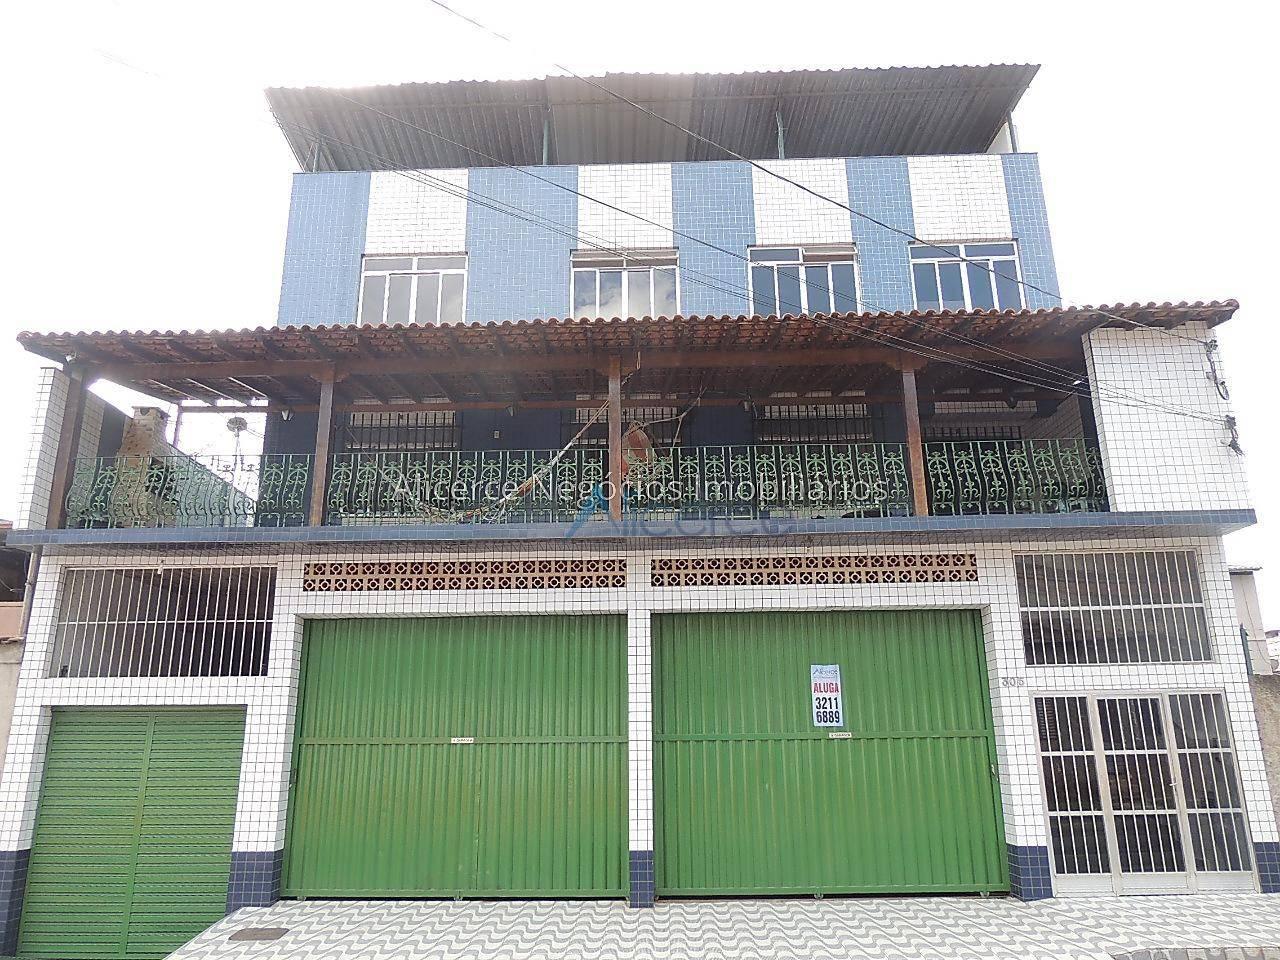 Apartamento com 2 dormitórios para alugar, 70 m² por R$ 650/mês - Nossa Senhora Aparecida - Juiz de Fora/MG